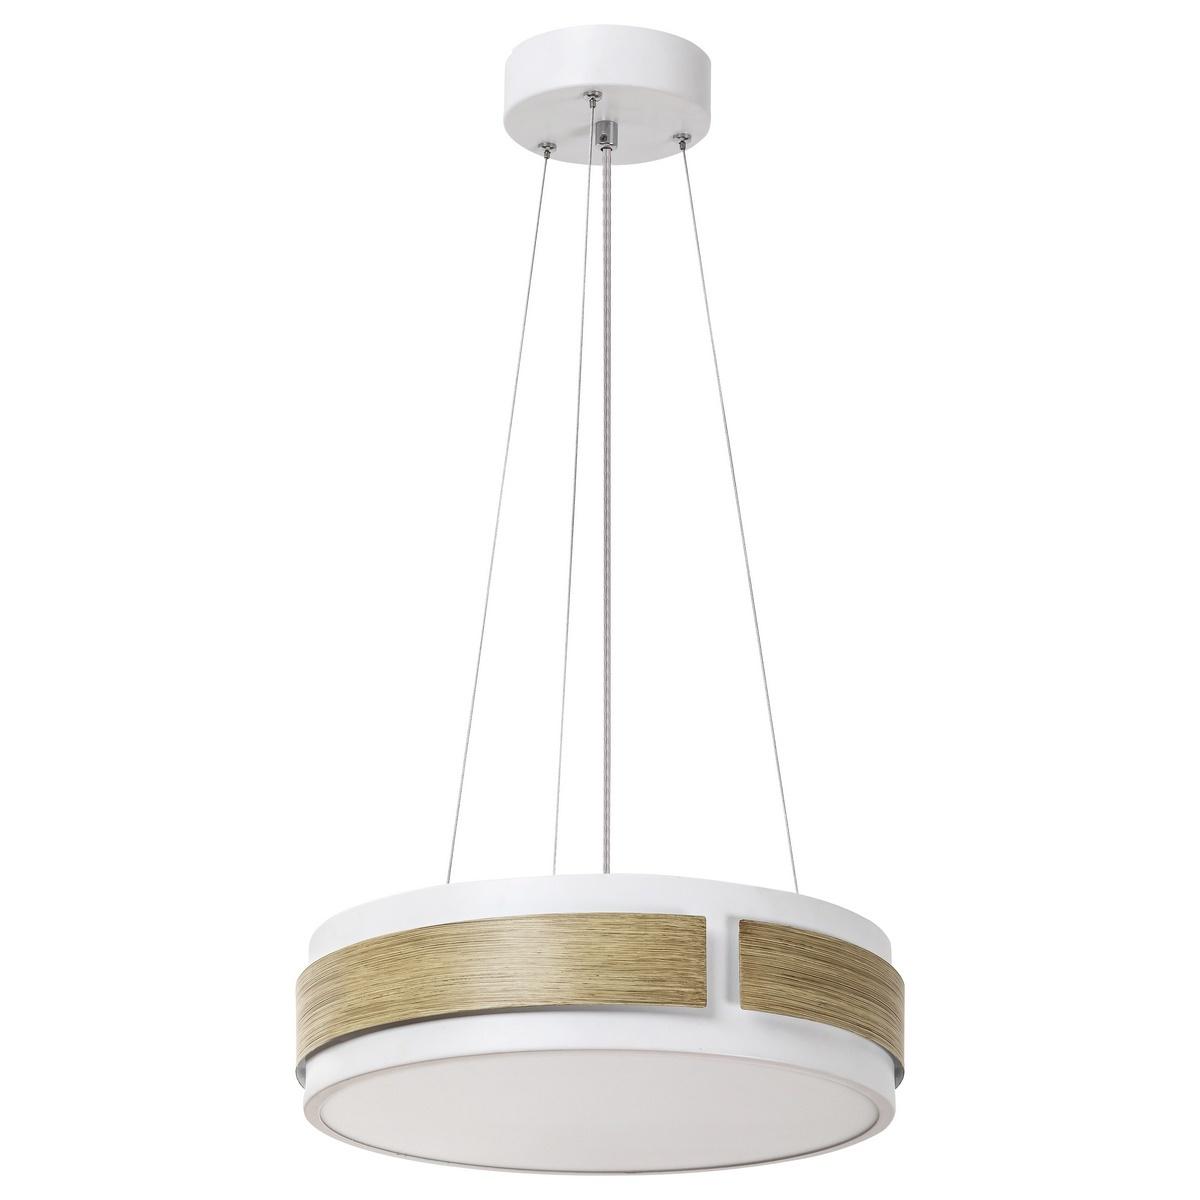 Rabalux 5647 LED závesné stropné svietidlo Salma 18W   3000K